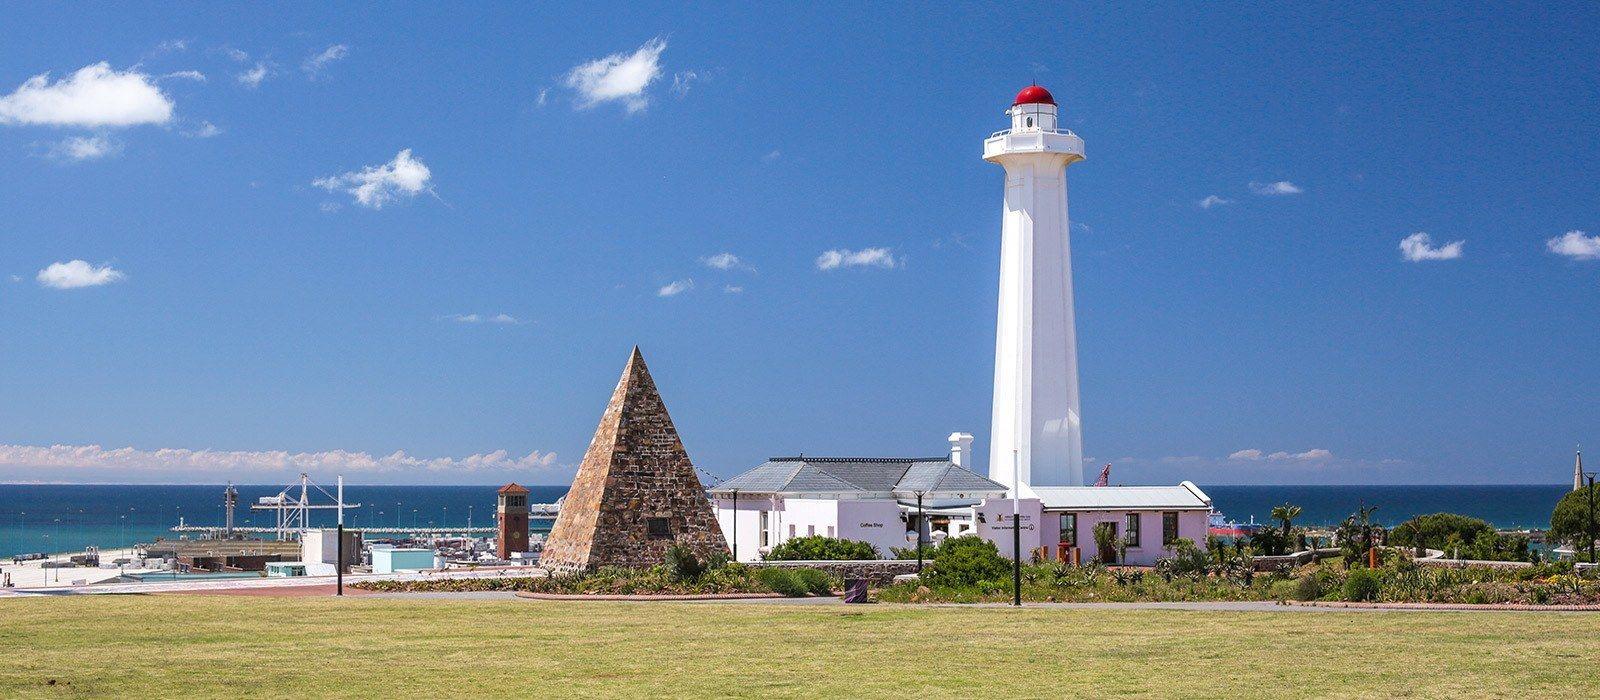 Escorts websites port elizabeth south africa Port Elizabeth Escorts, Eastern Cape - South Africa - Escort GPS